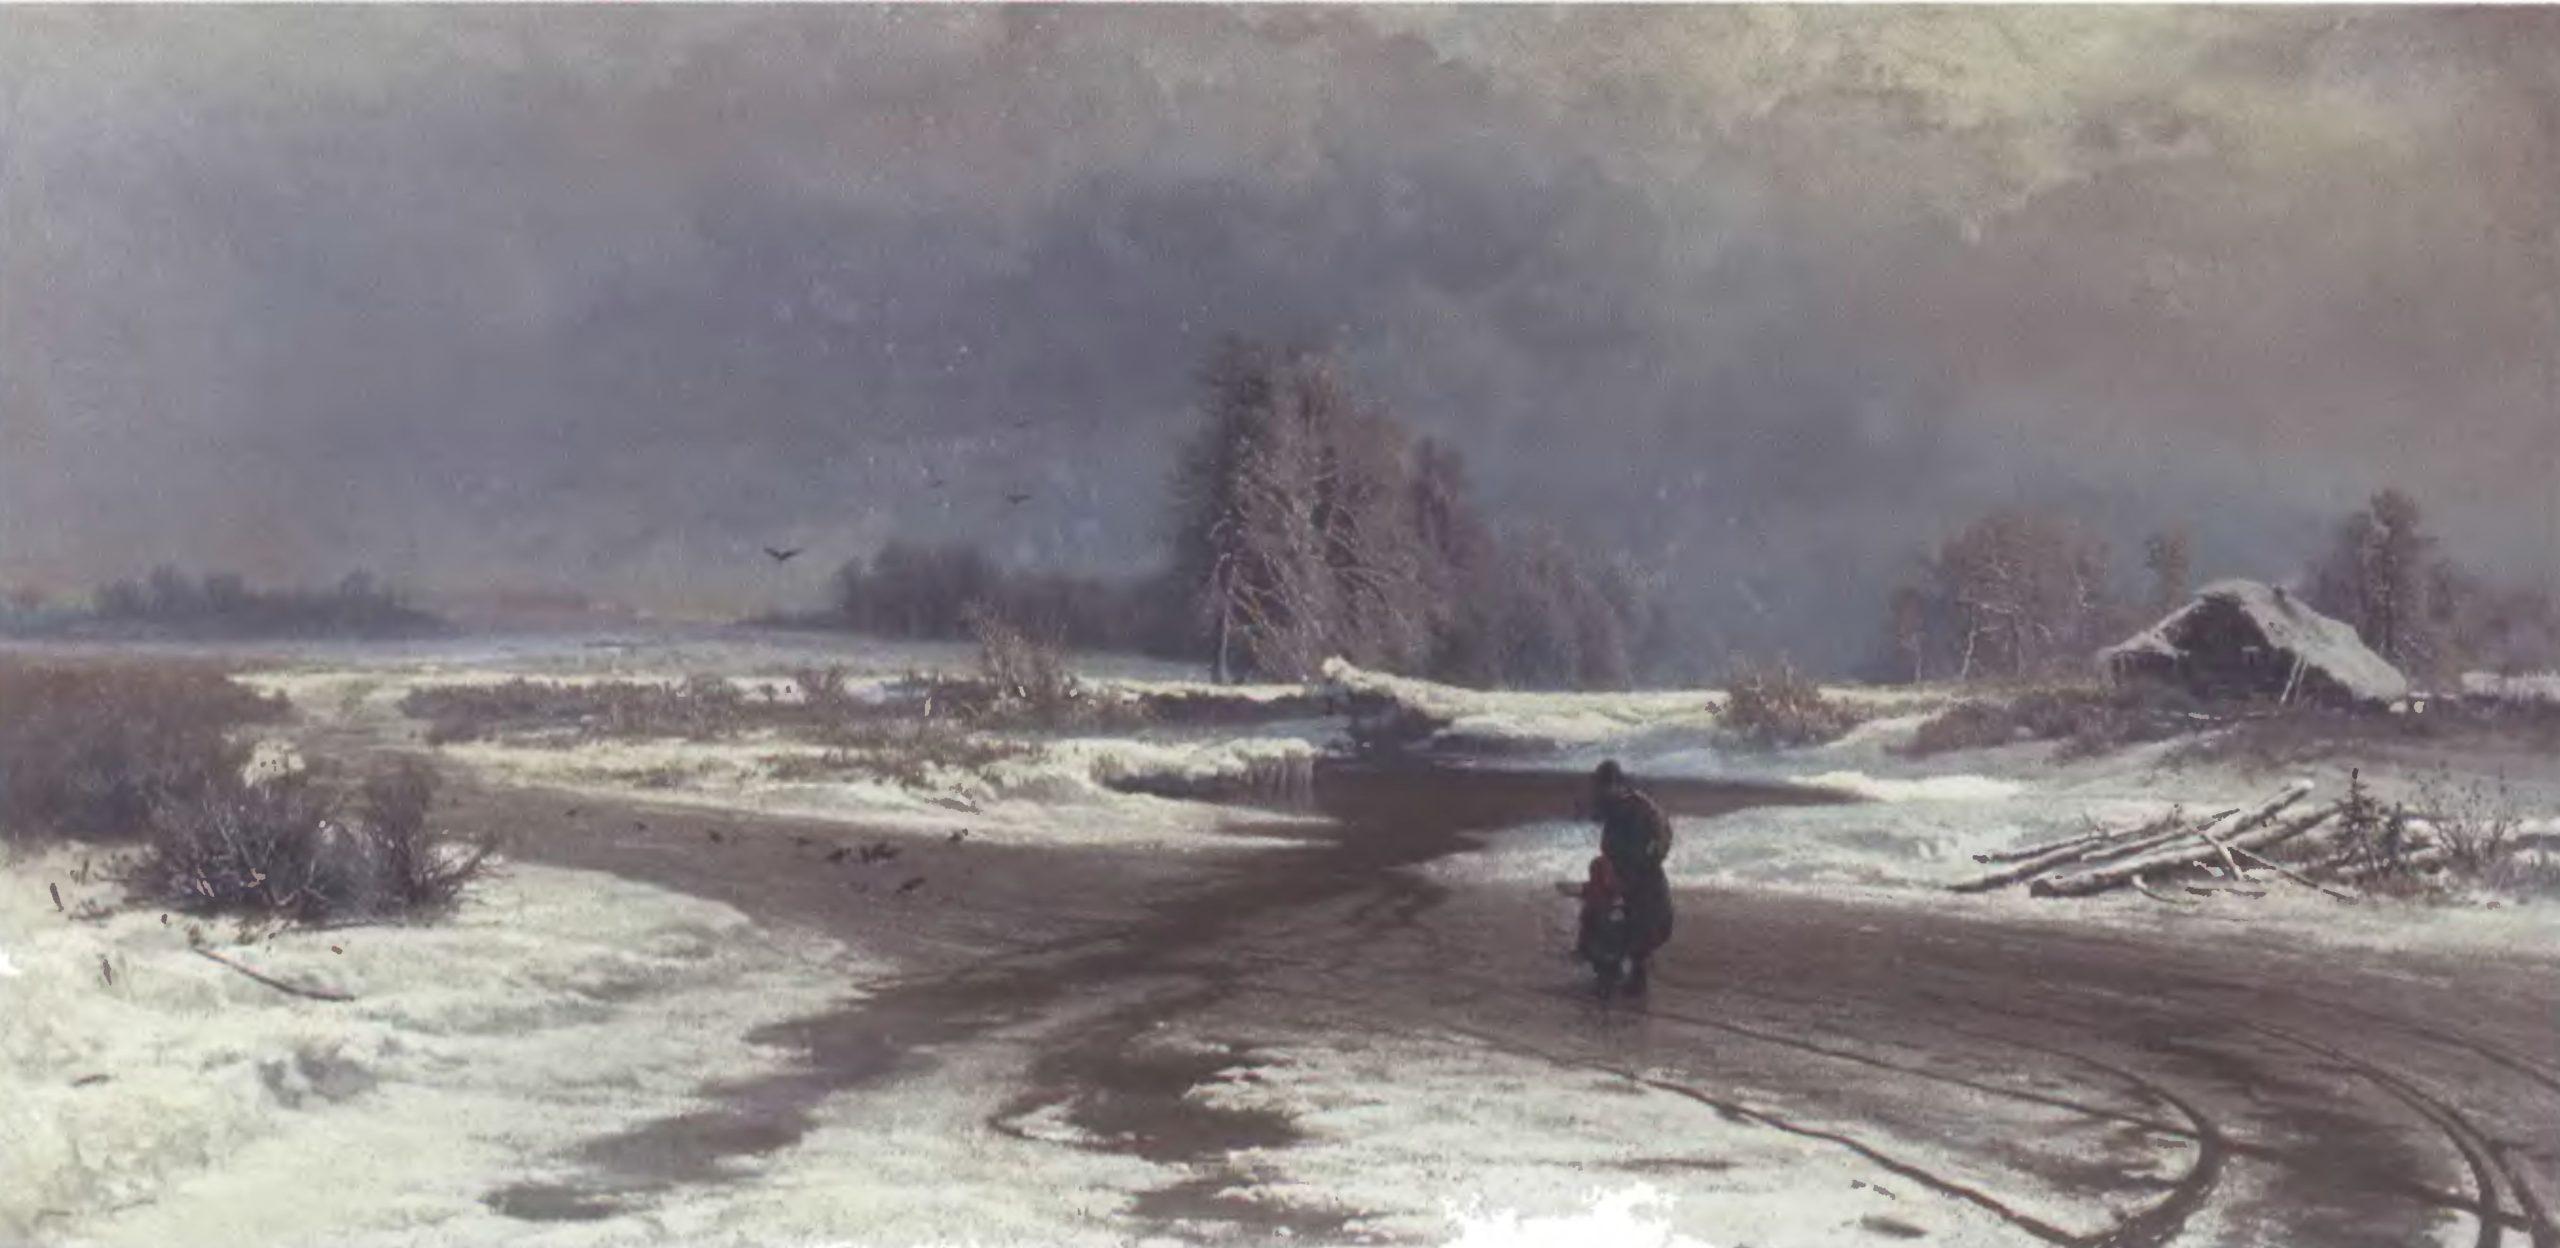 ФЕДОР ВАСИЛЬЕВ. Оттепель. 1871. Холст, масло. 53,5 х 107 см. 1осударственная Третьяковская галерея